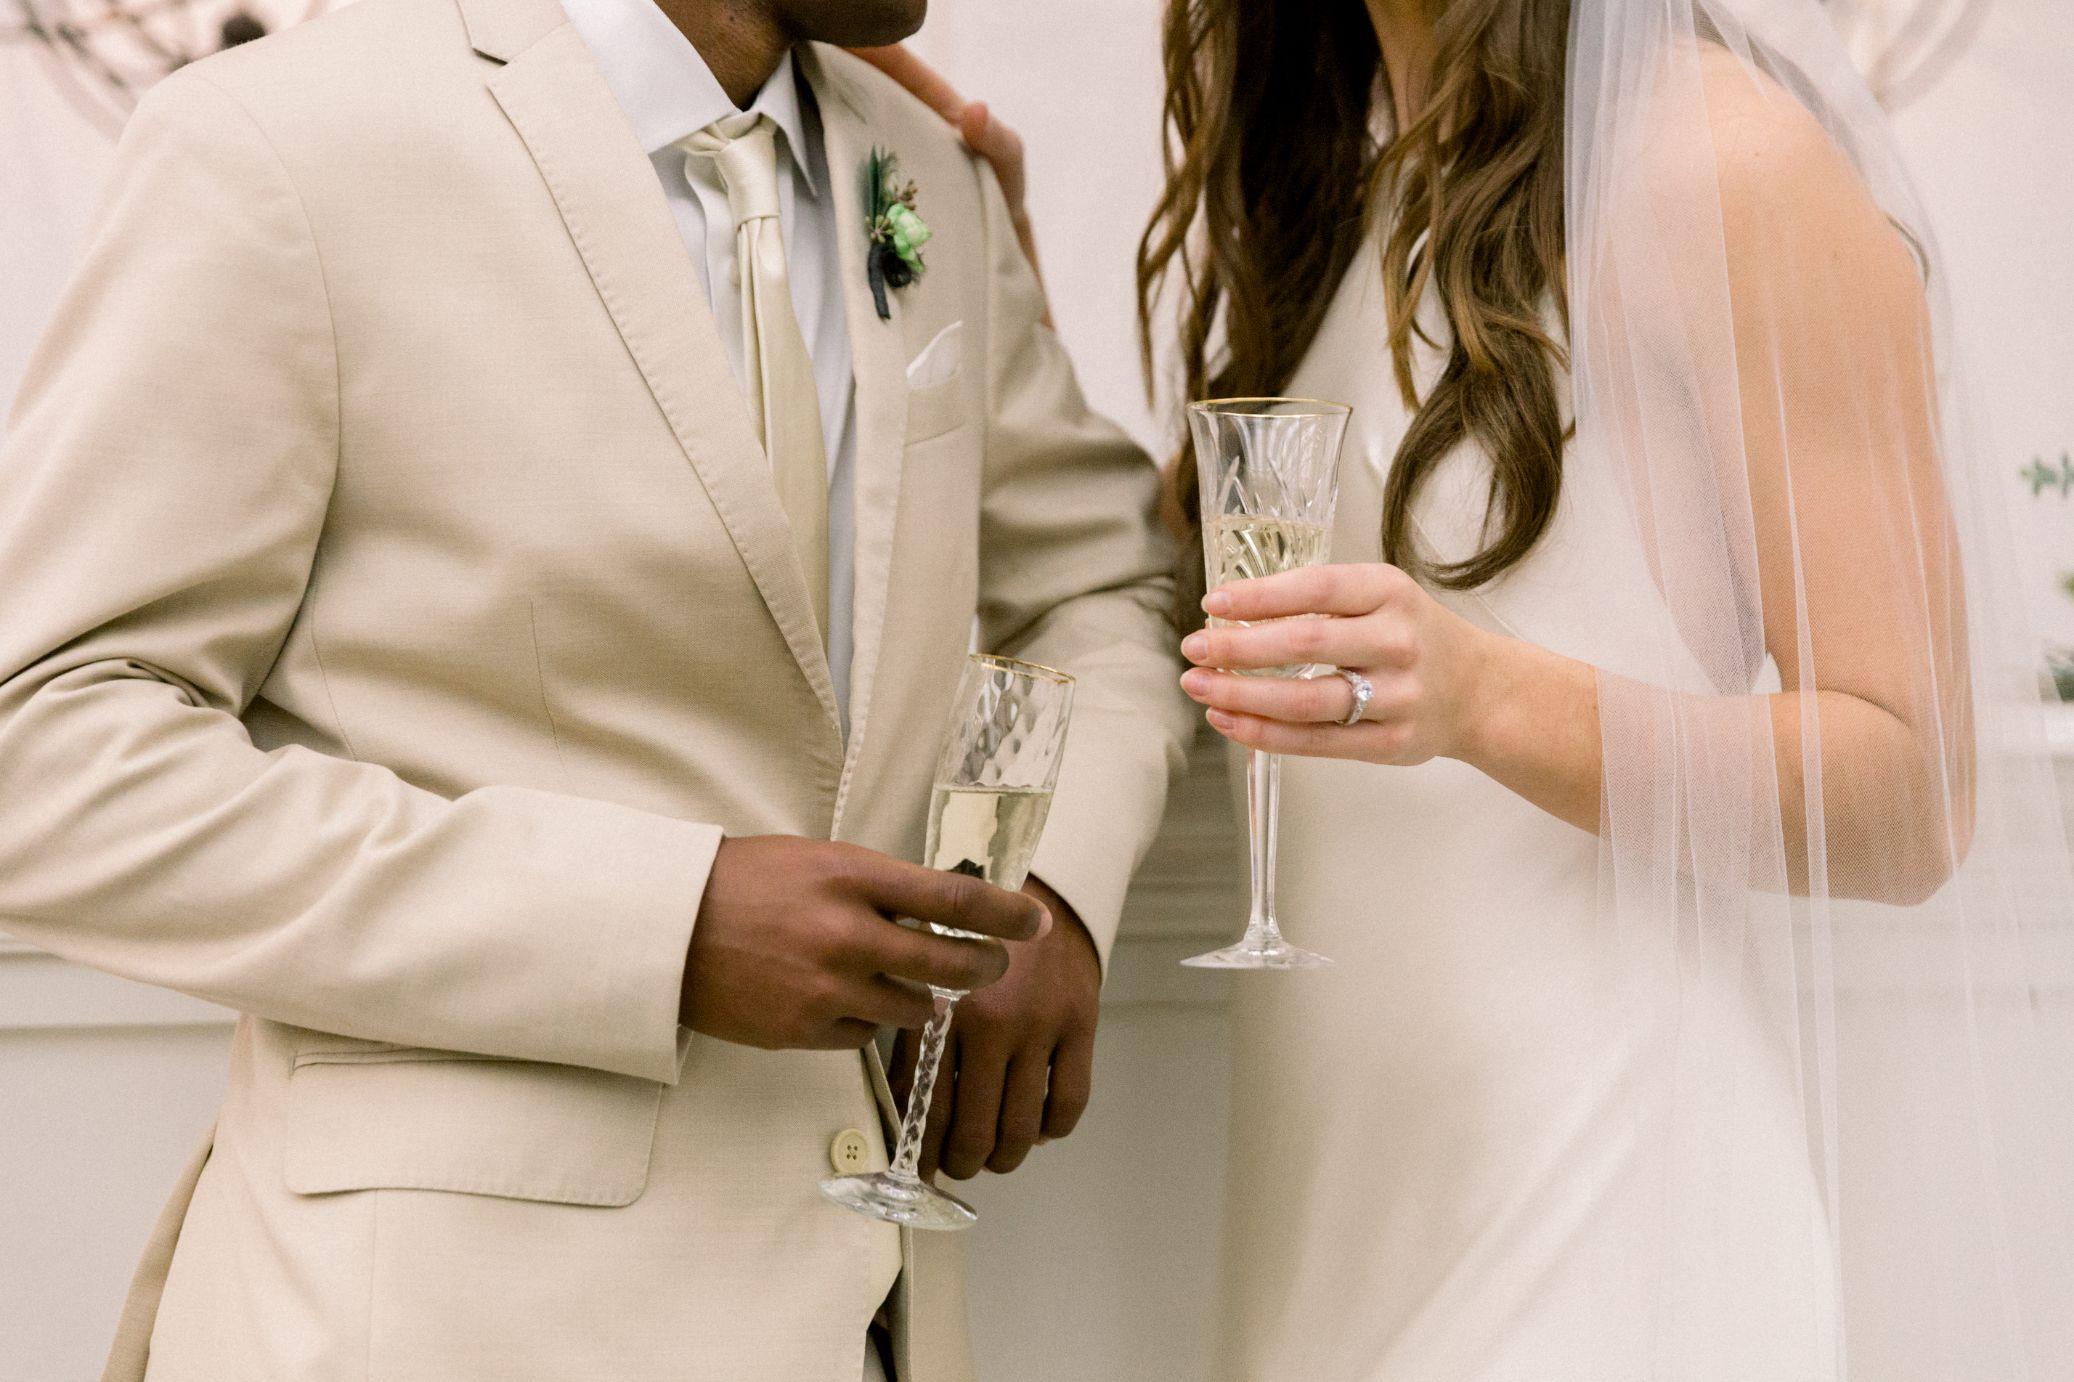 artists-for-humanity-industrial-bohemian-wedding-daylynn-designs350.jpg